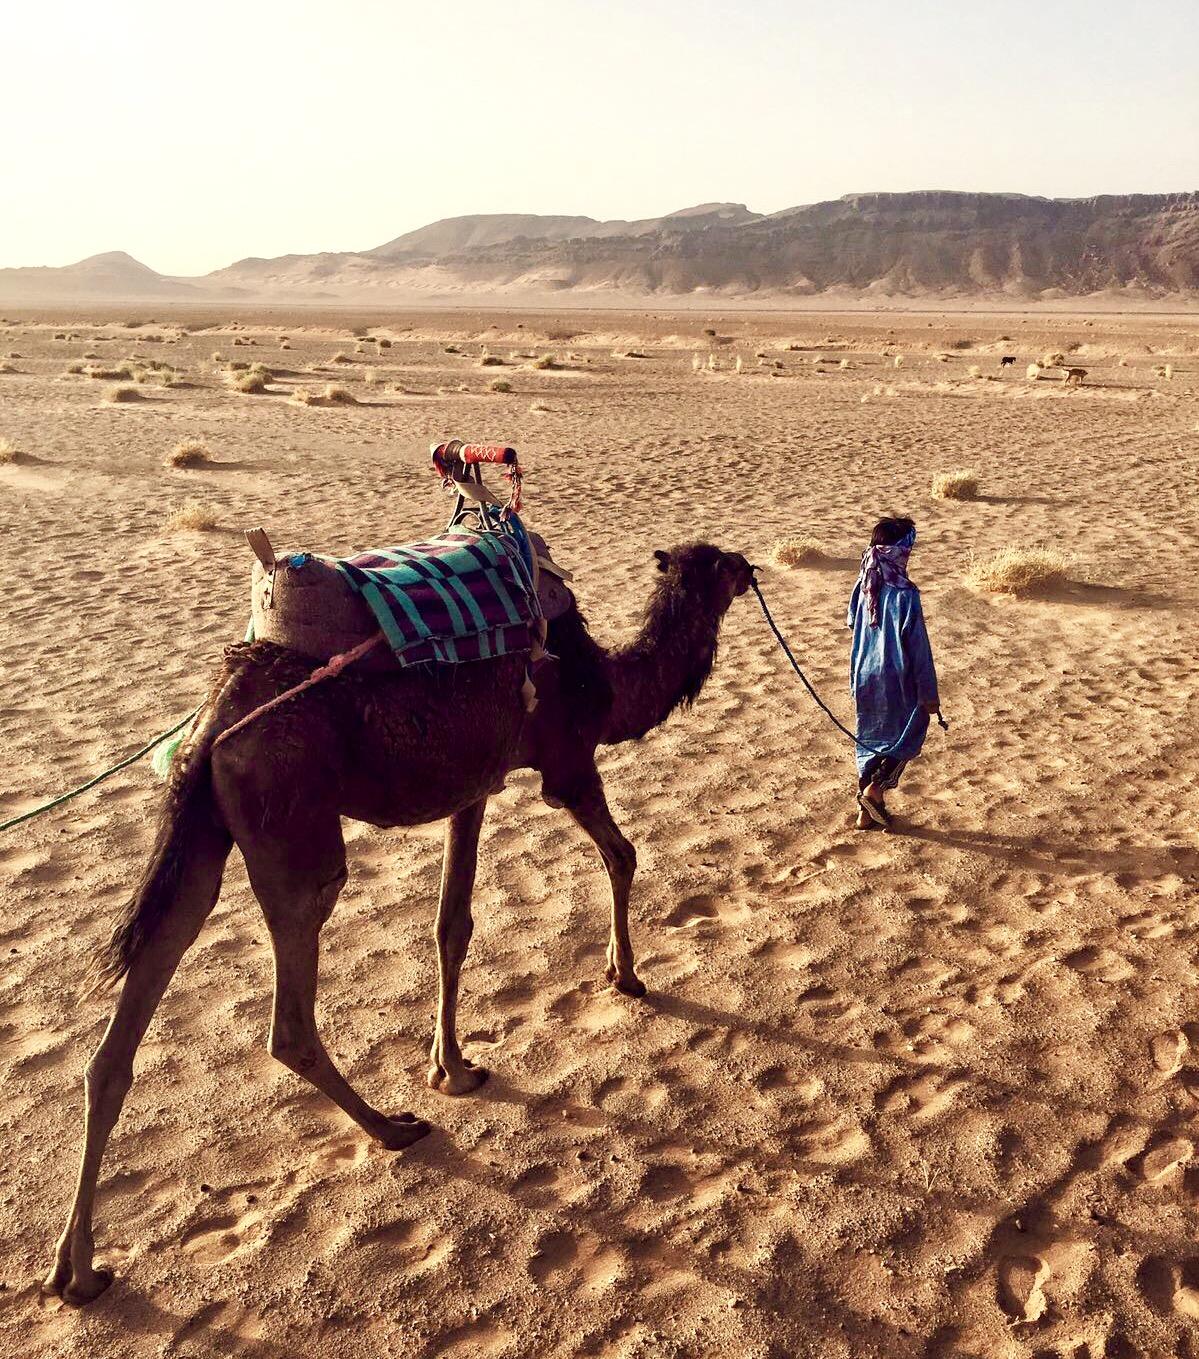 berber_kid_camel_morocco_lustforthesublime